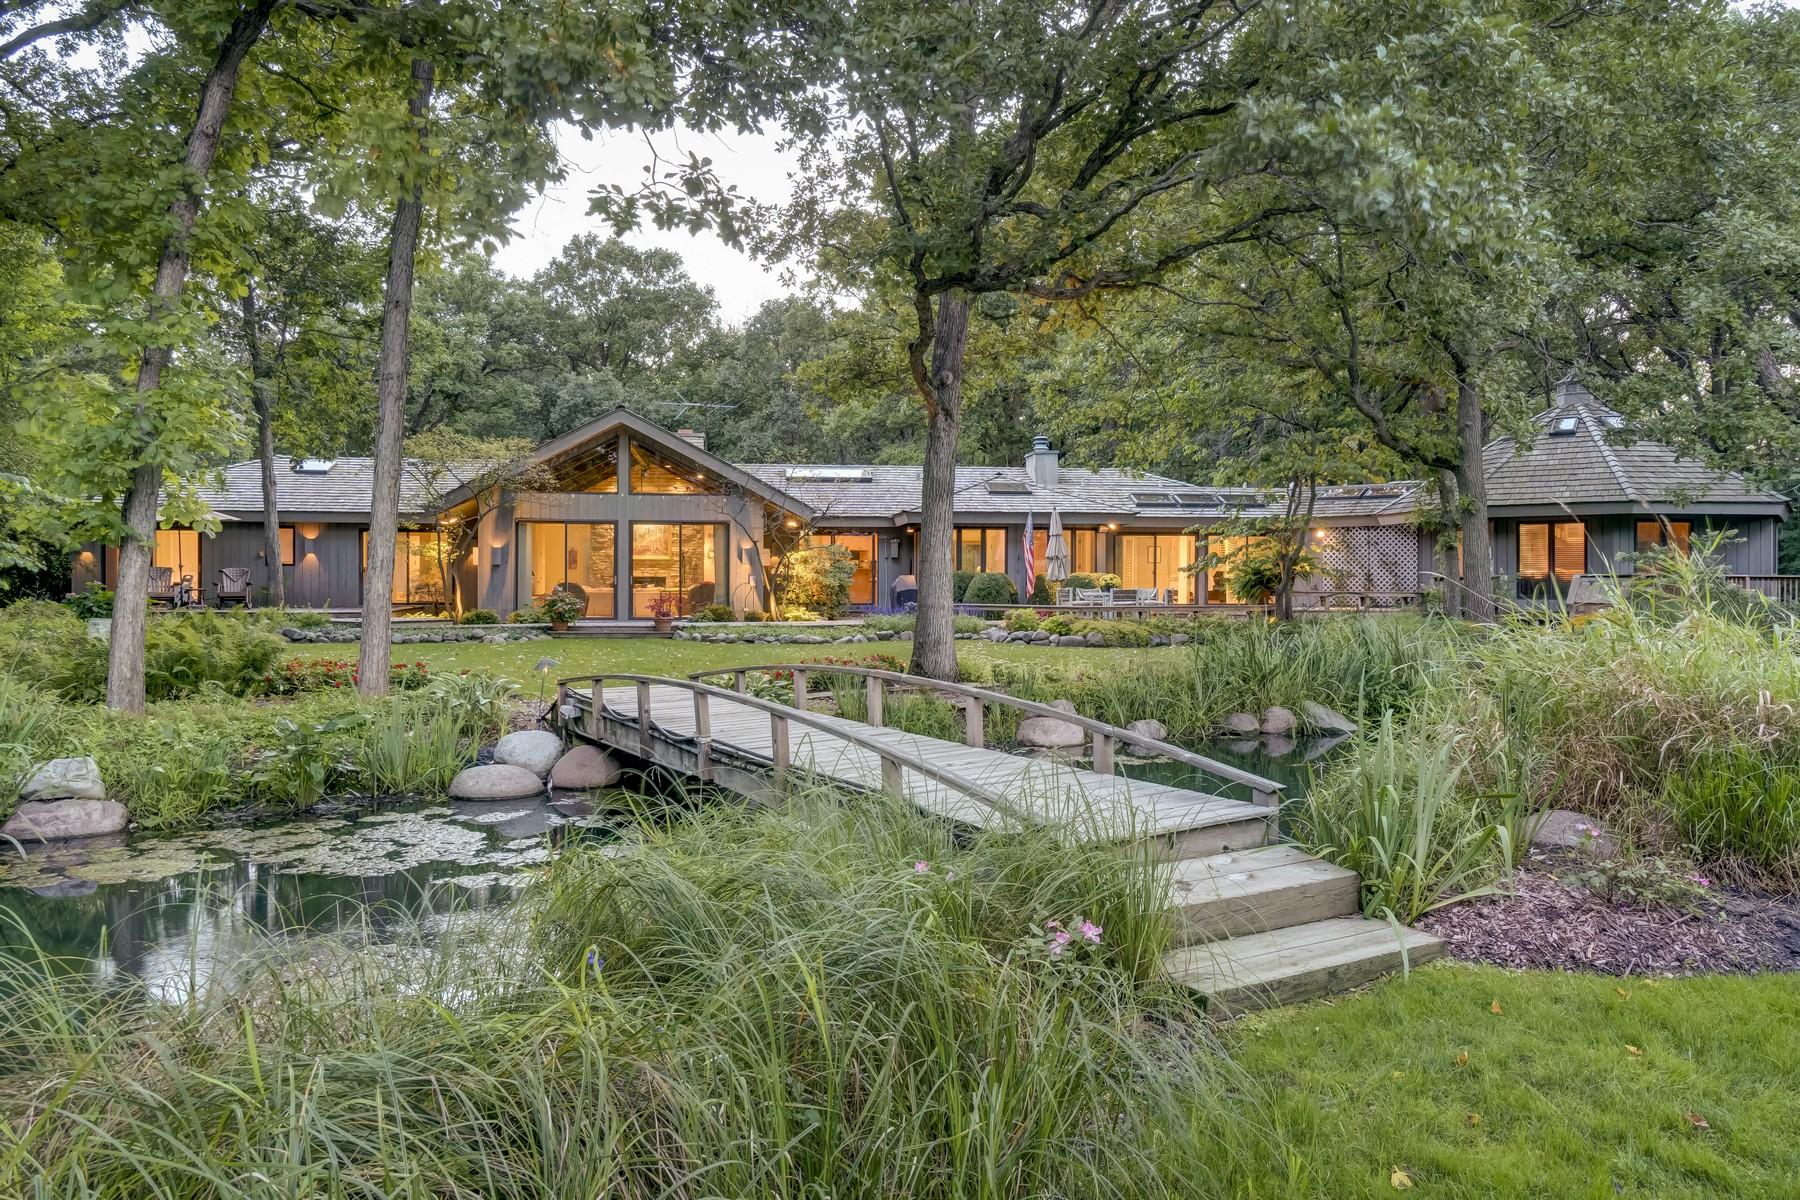 独户住宅 为 销售 在 Glorious Retreat 1910 Duffy Lane 班诺克本, 伊利诺斯州, 60015 美国